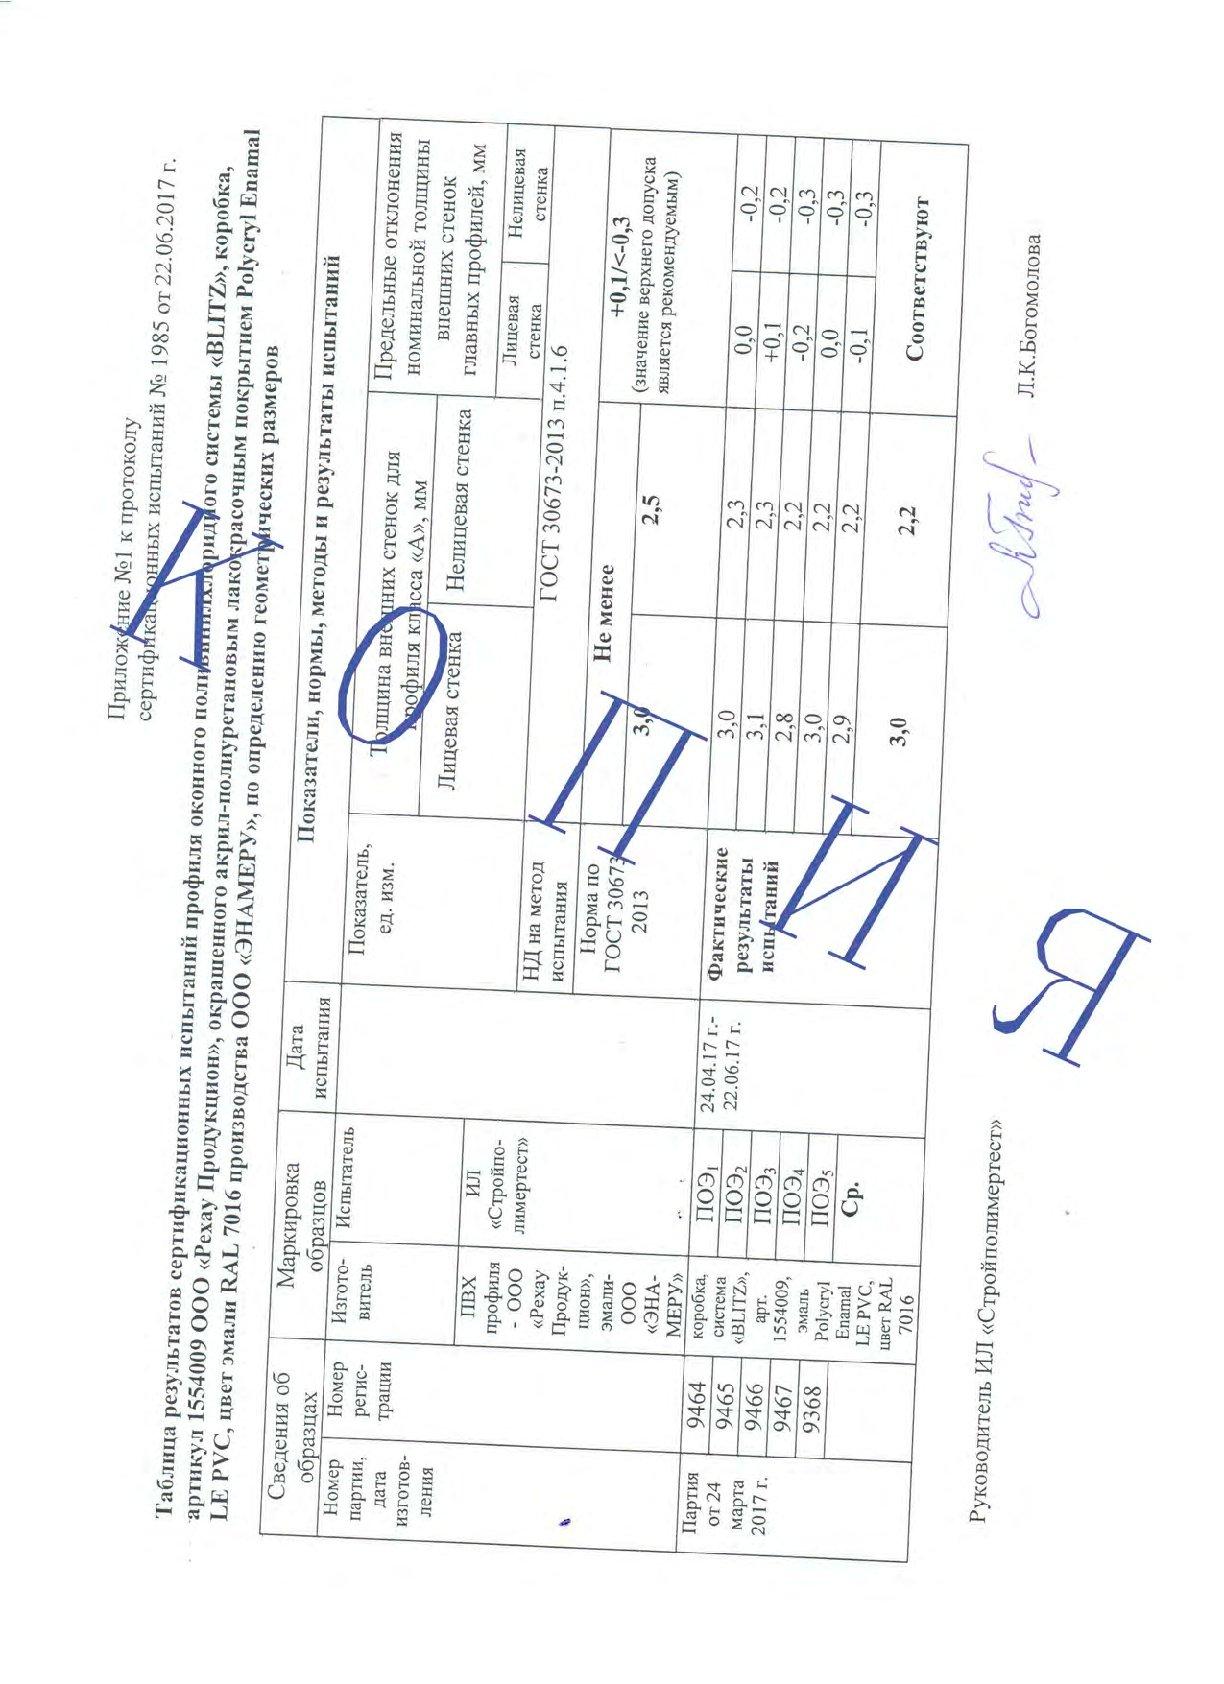 enameru-gost-30973-rehau-copy-005